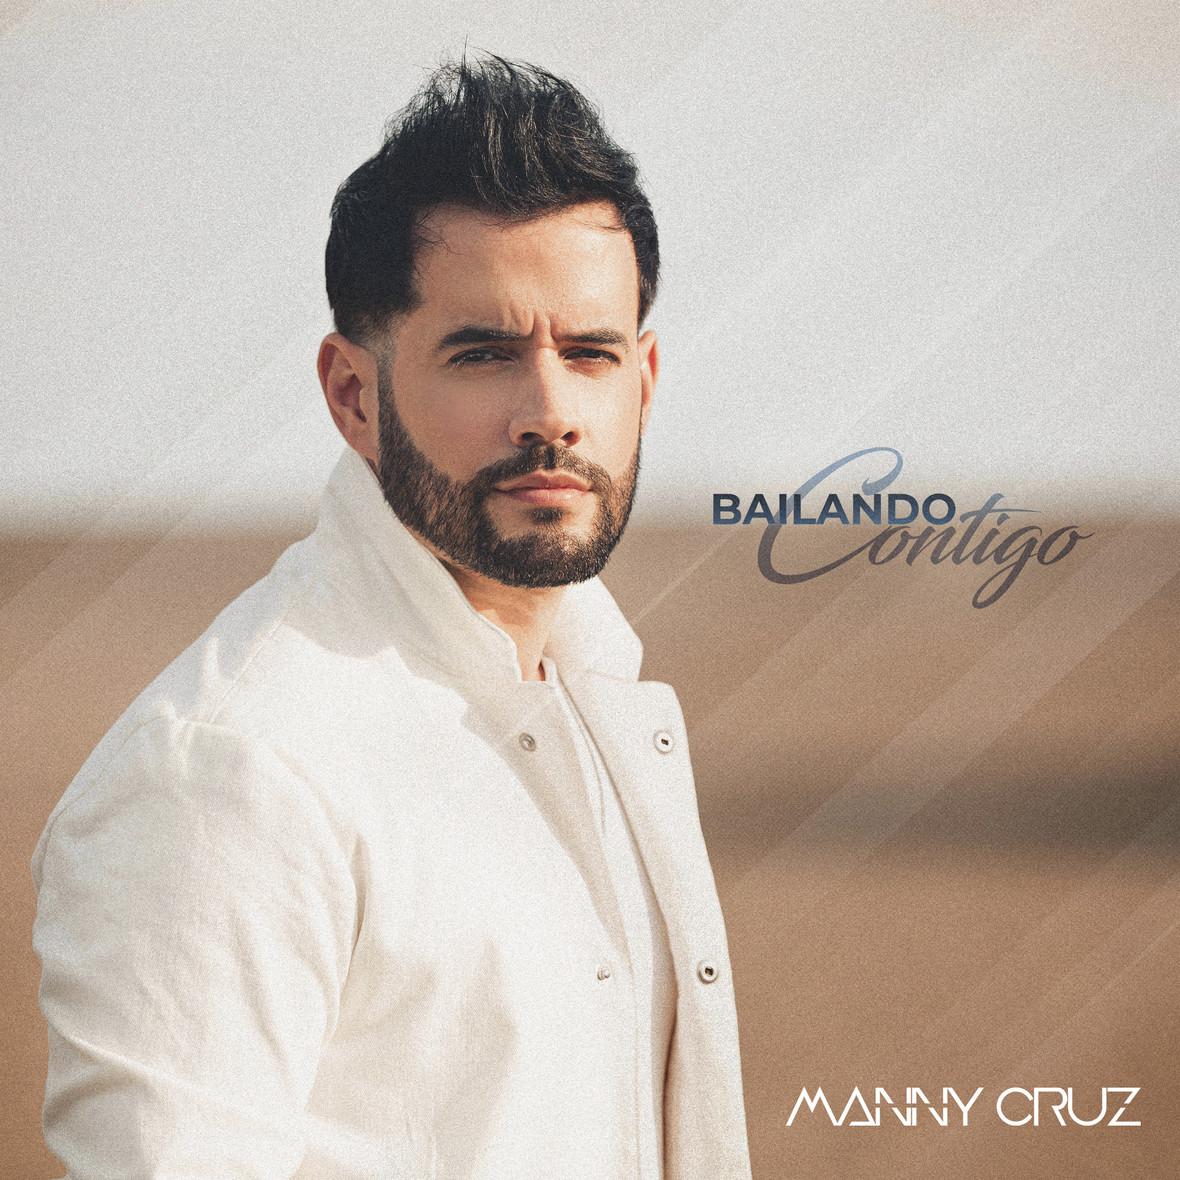 BAILANDO CONTIGO - Manny Cruz cover art